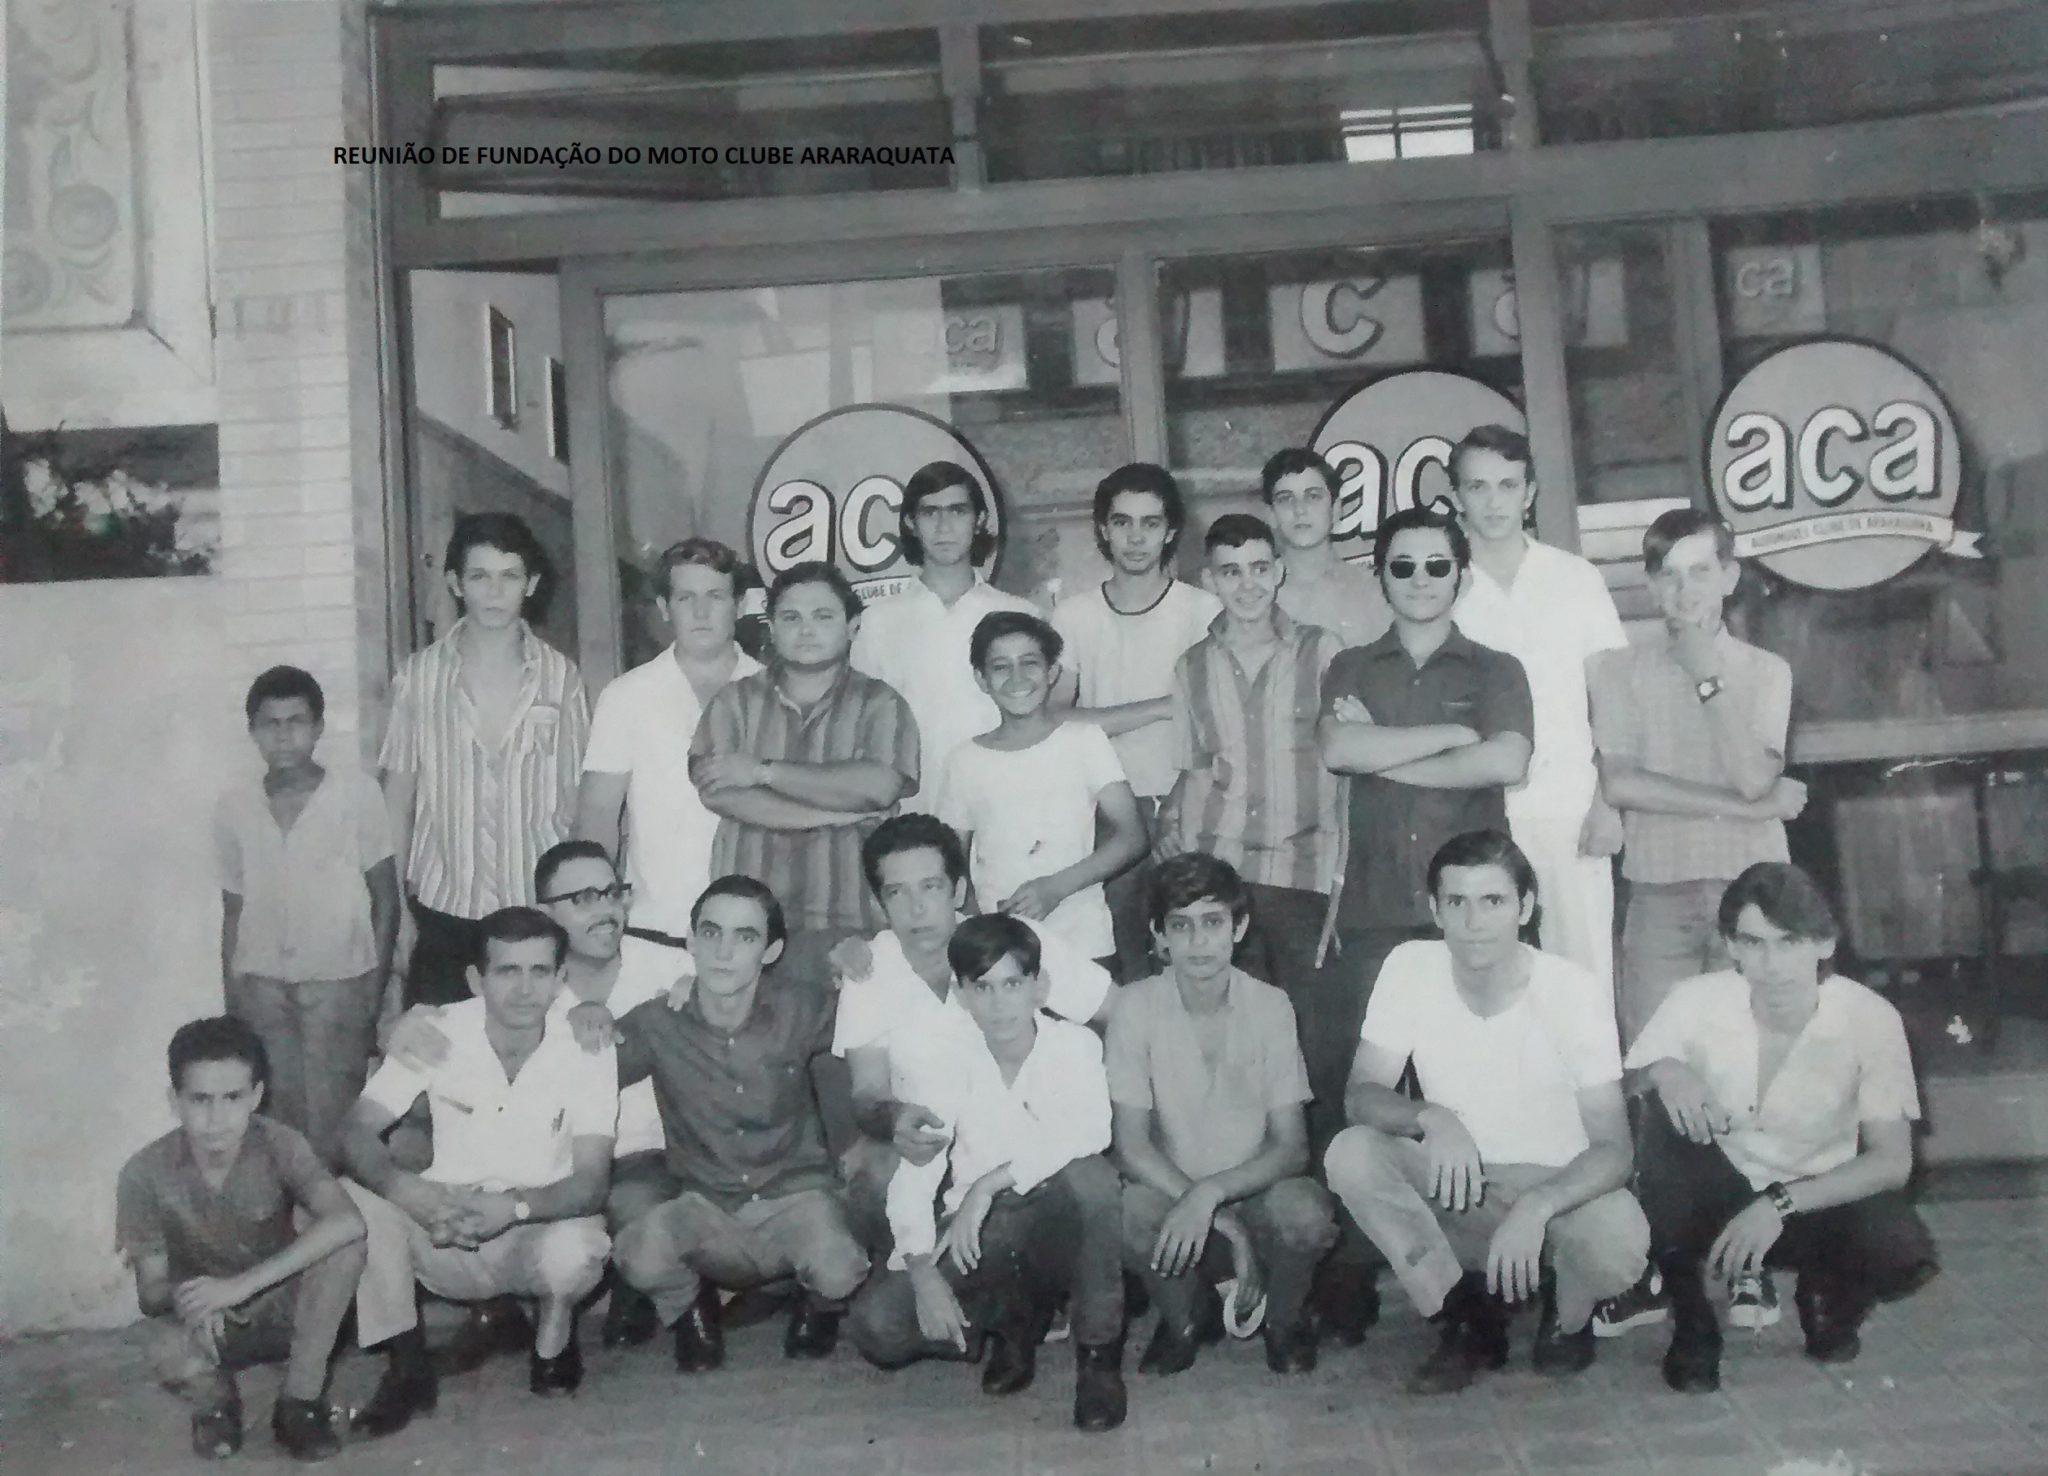 Foto tirada quando da fundação do Moto Clube de Araraquara (Foto: Adolpho Tedeschi Neto / Motostory)